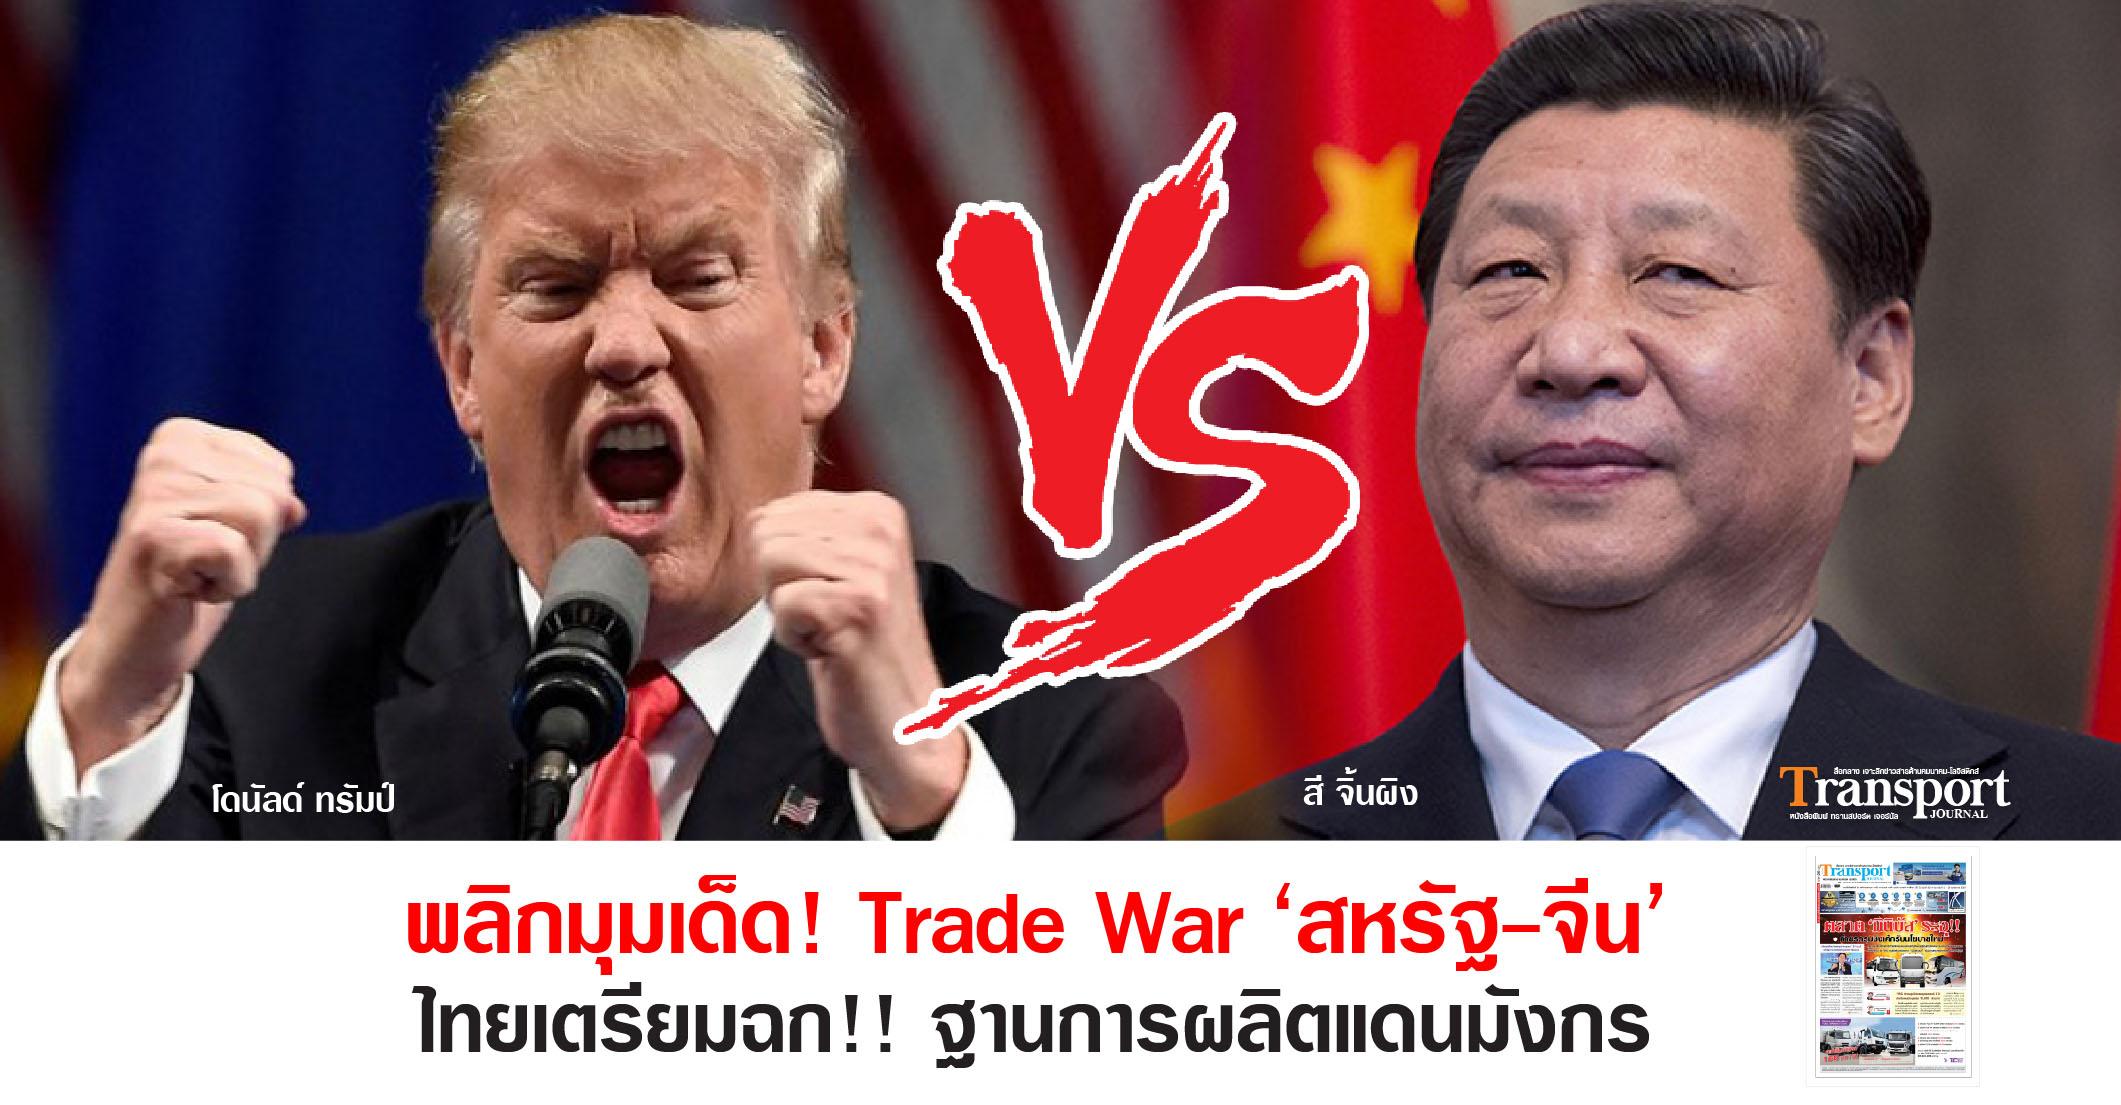 พลิกมุมเด็ด!! Trade war 'สหรัฐ-จีน' ไทยเตรียมฉก!!ฐานการผลิตแดนมังกร